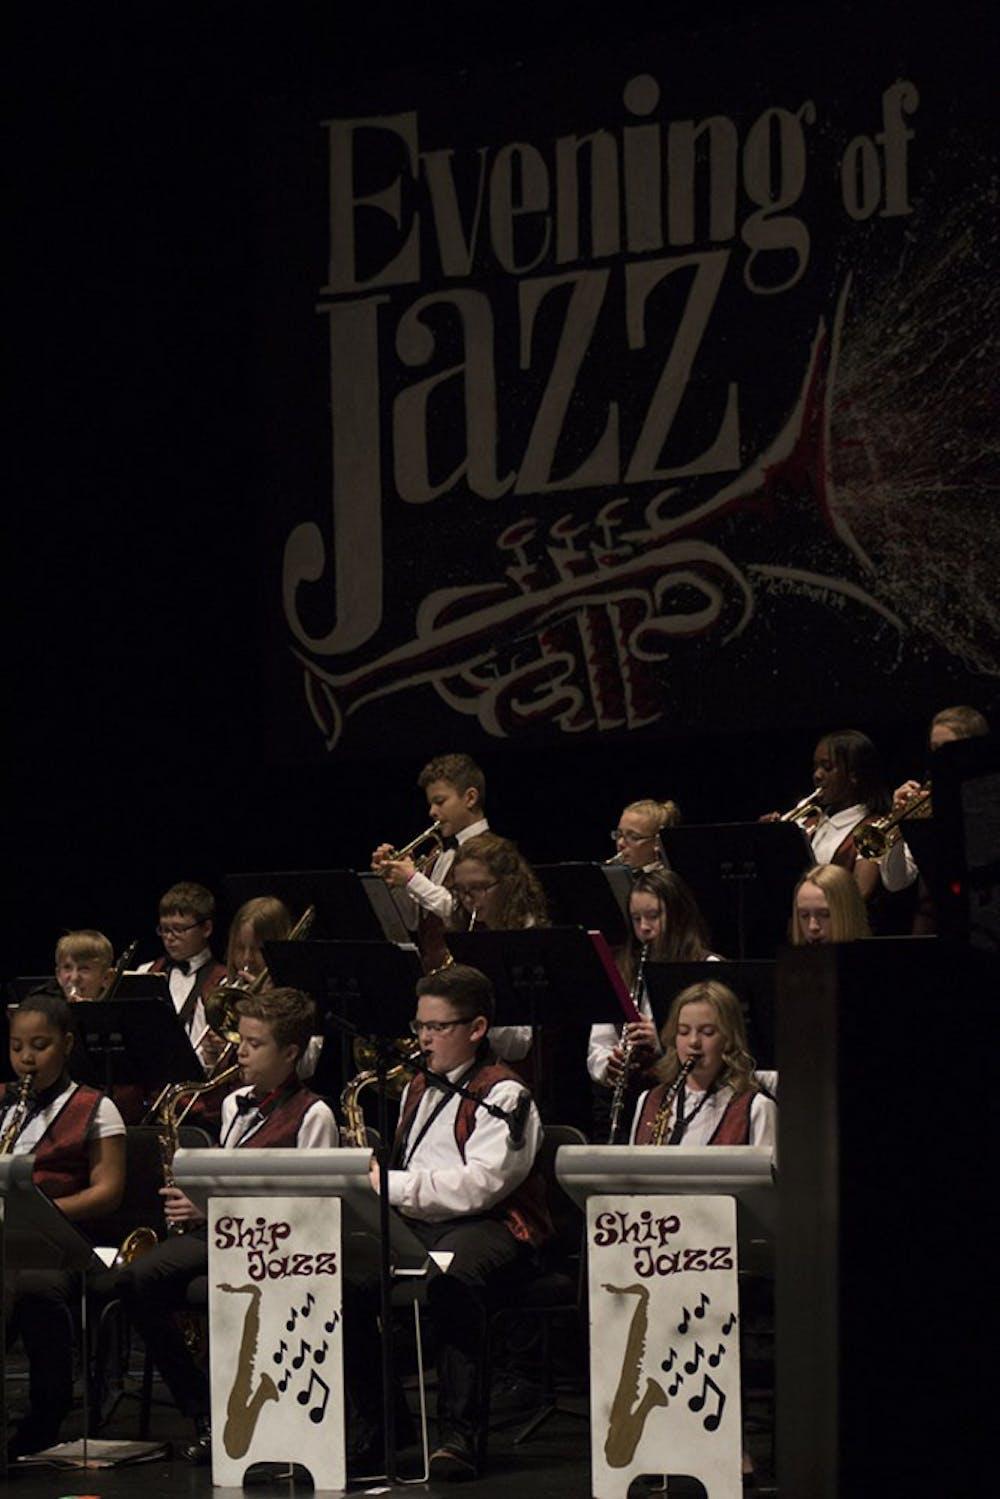 'Evening of Jazz' concert benefits Shippensburg Area School District